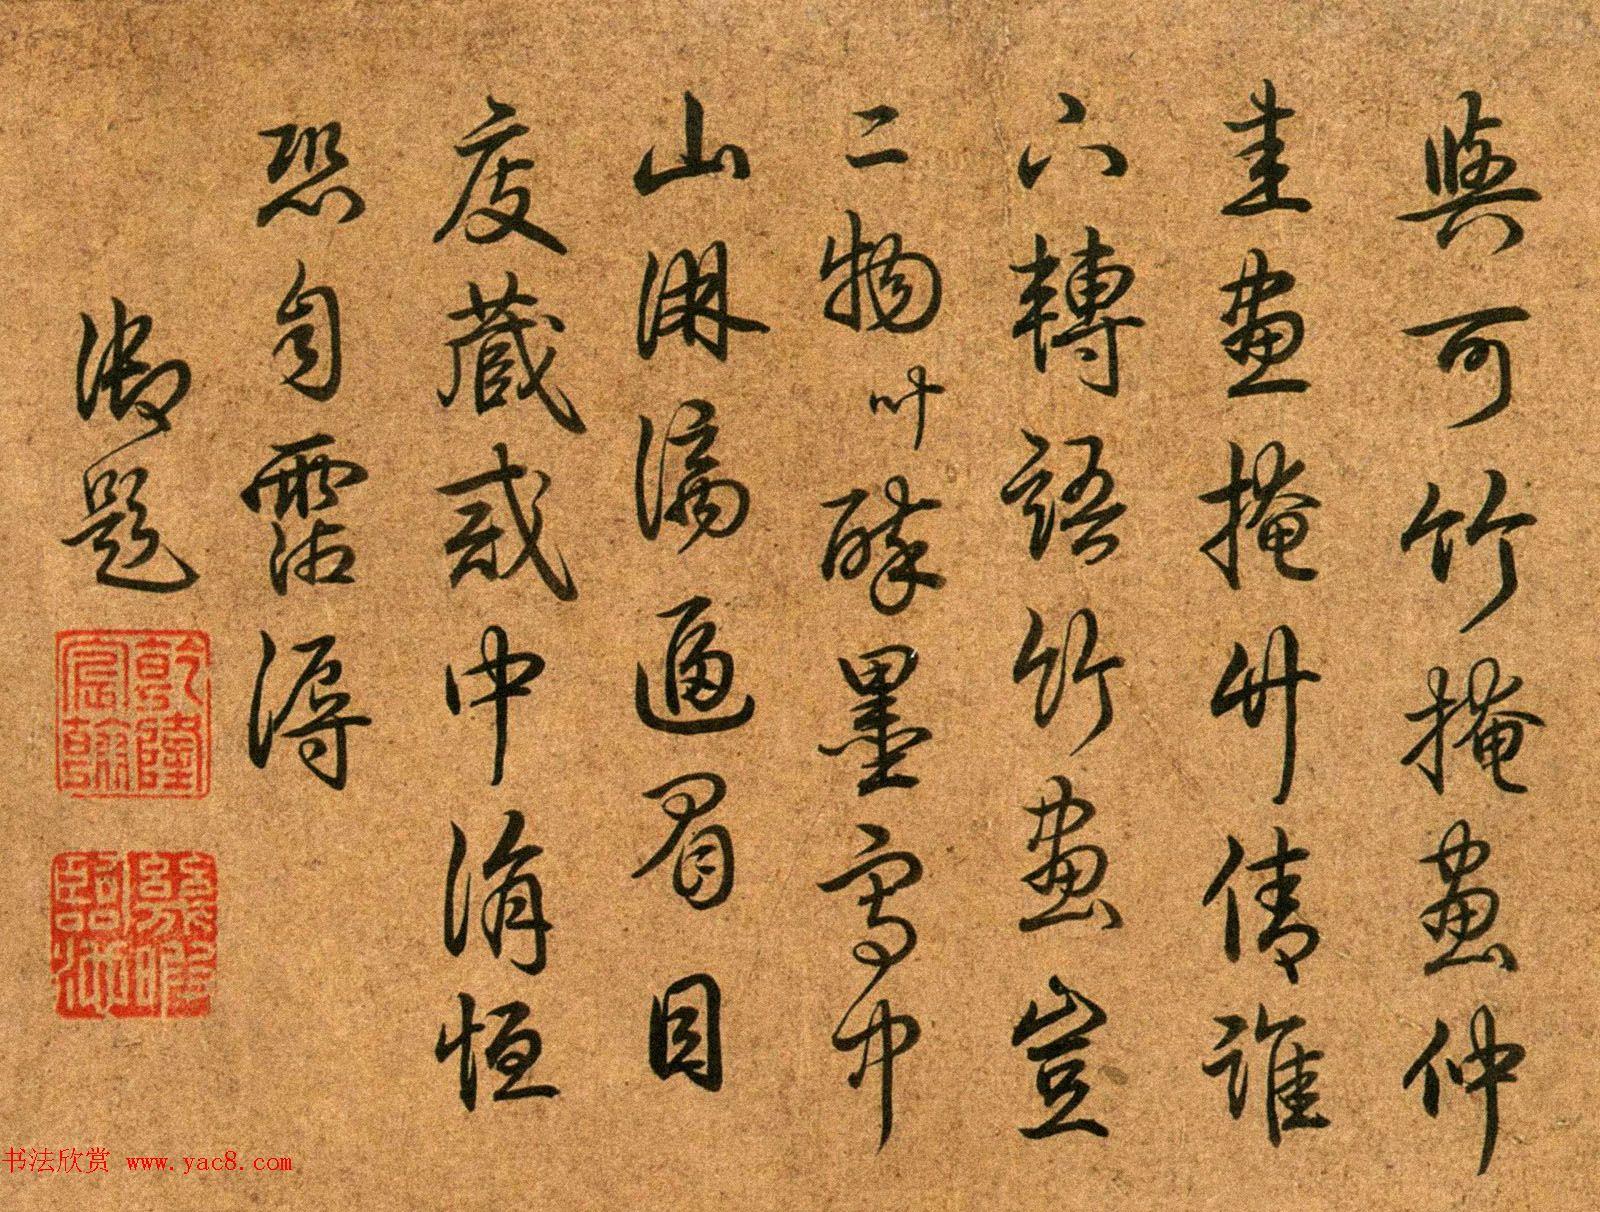 元代书画家吴镇57岁绘中山图卷